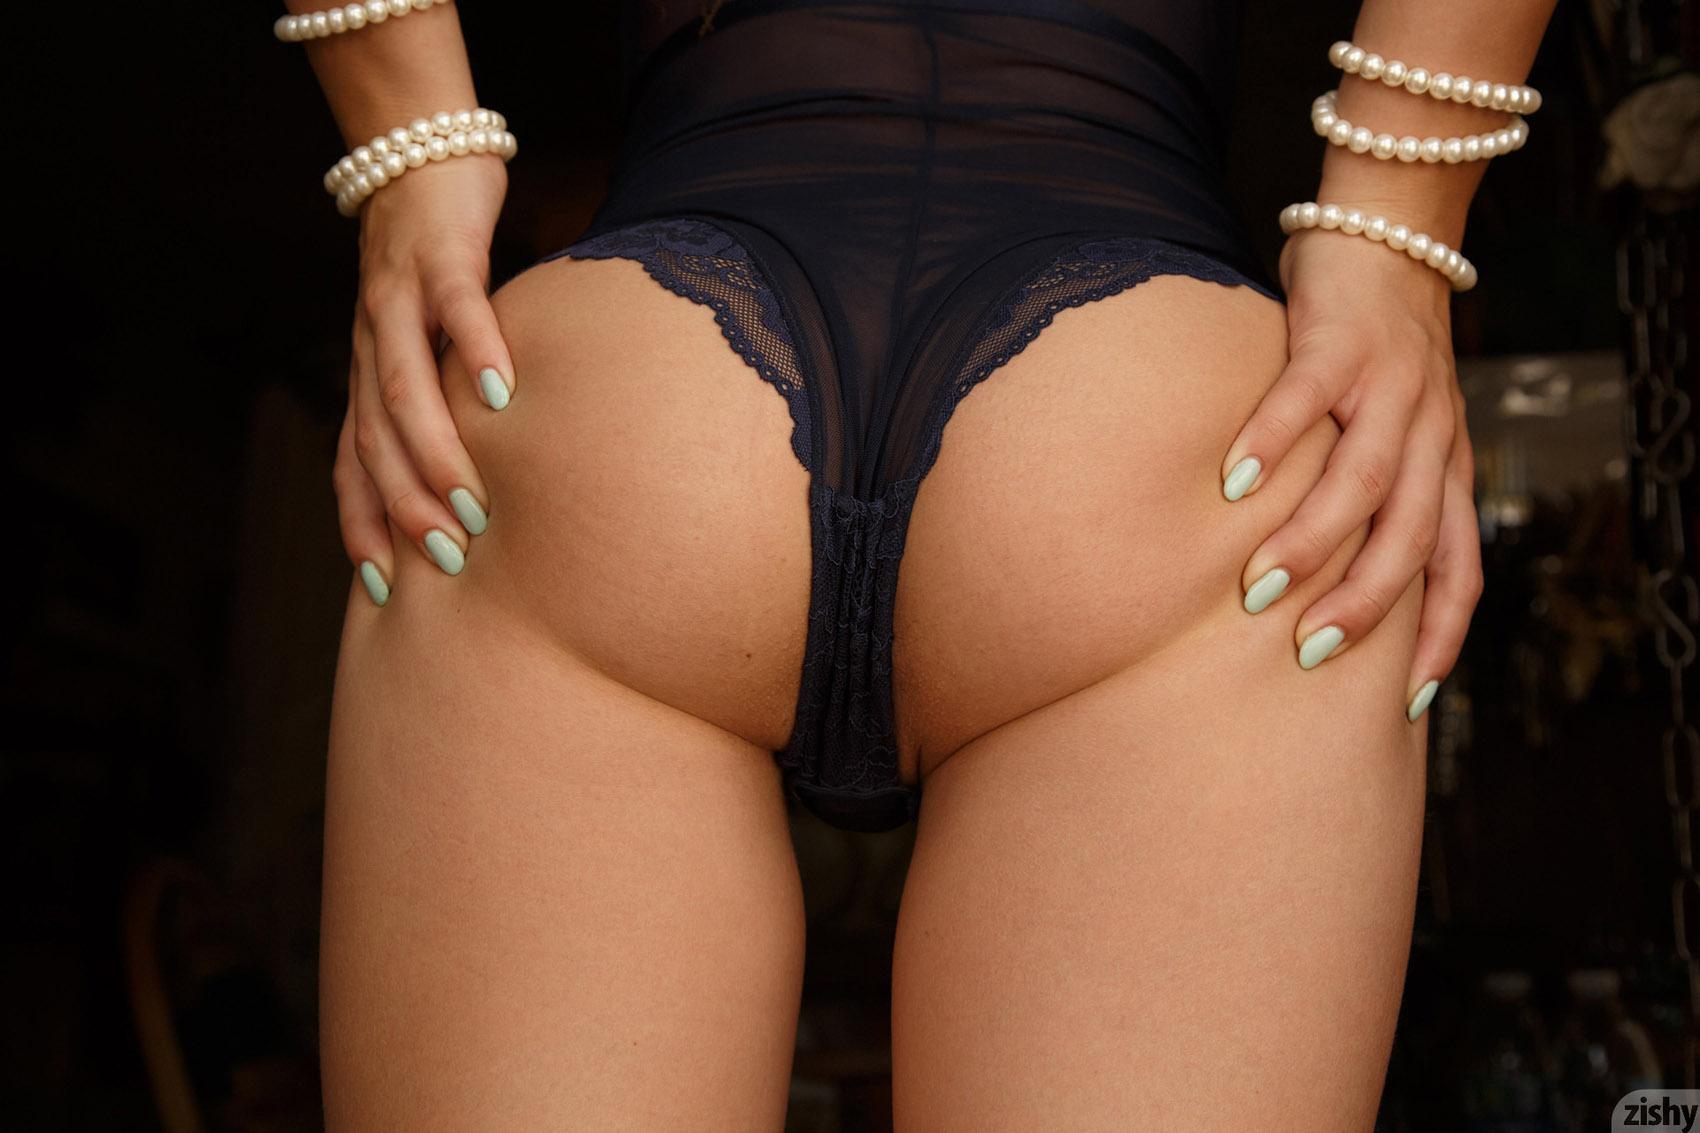 jocelyn kelly sheer wet panties zishy - cherry nudes